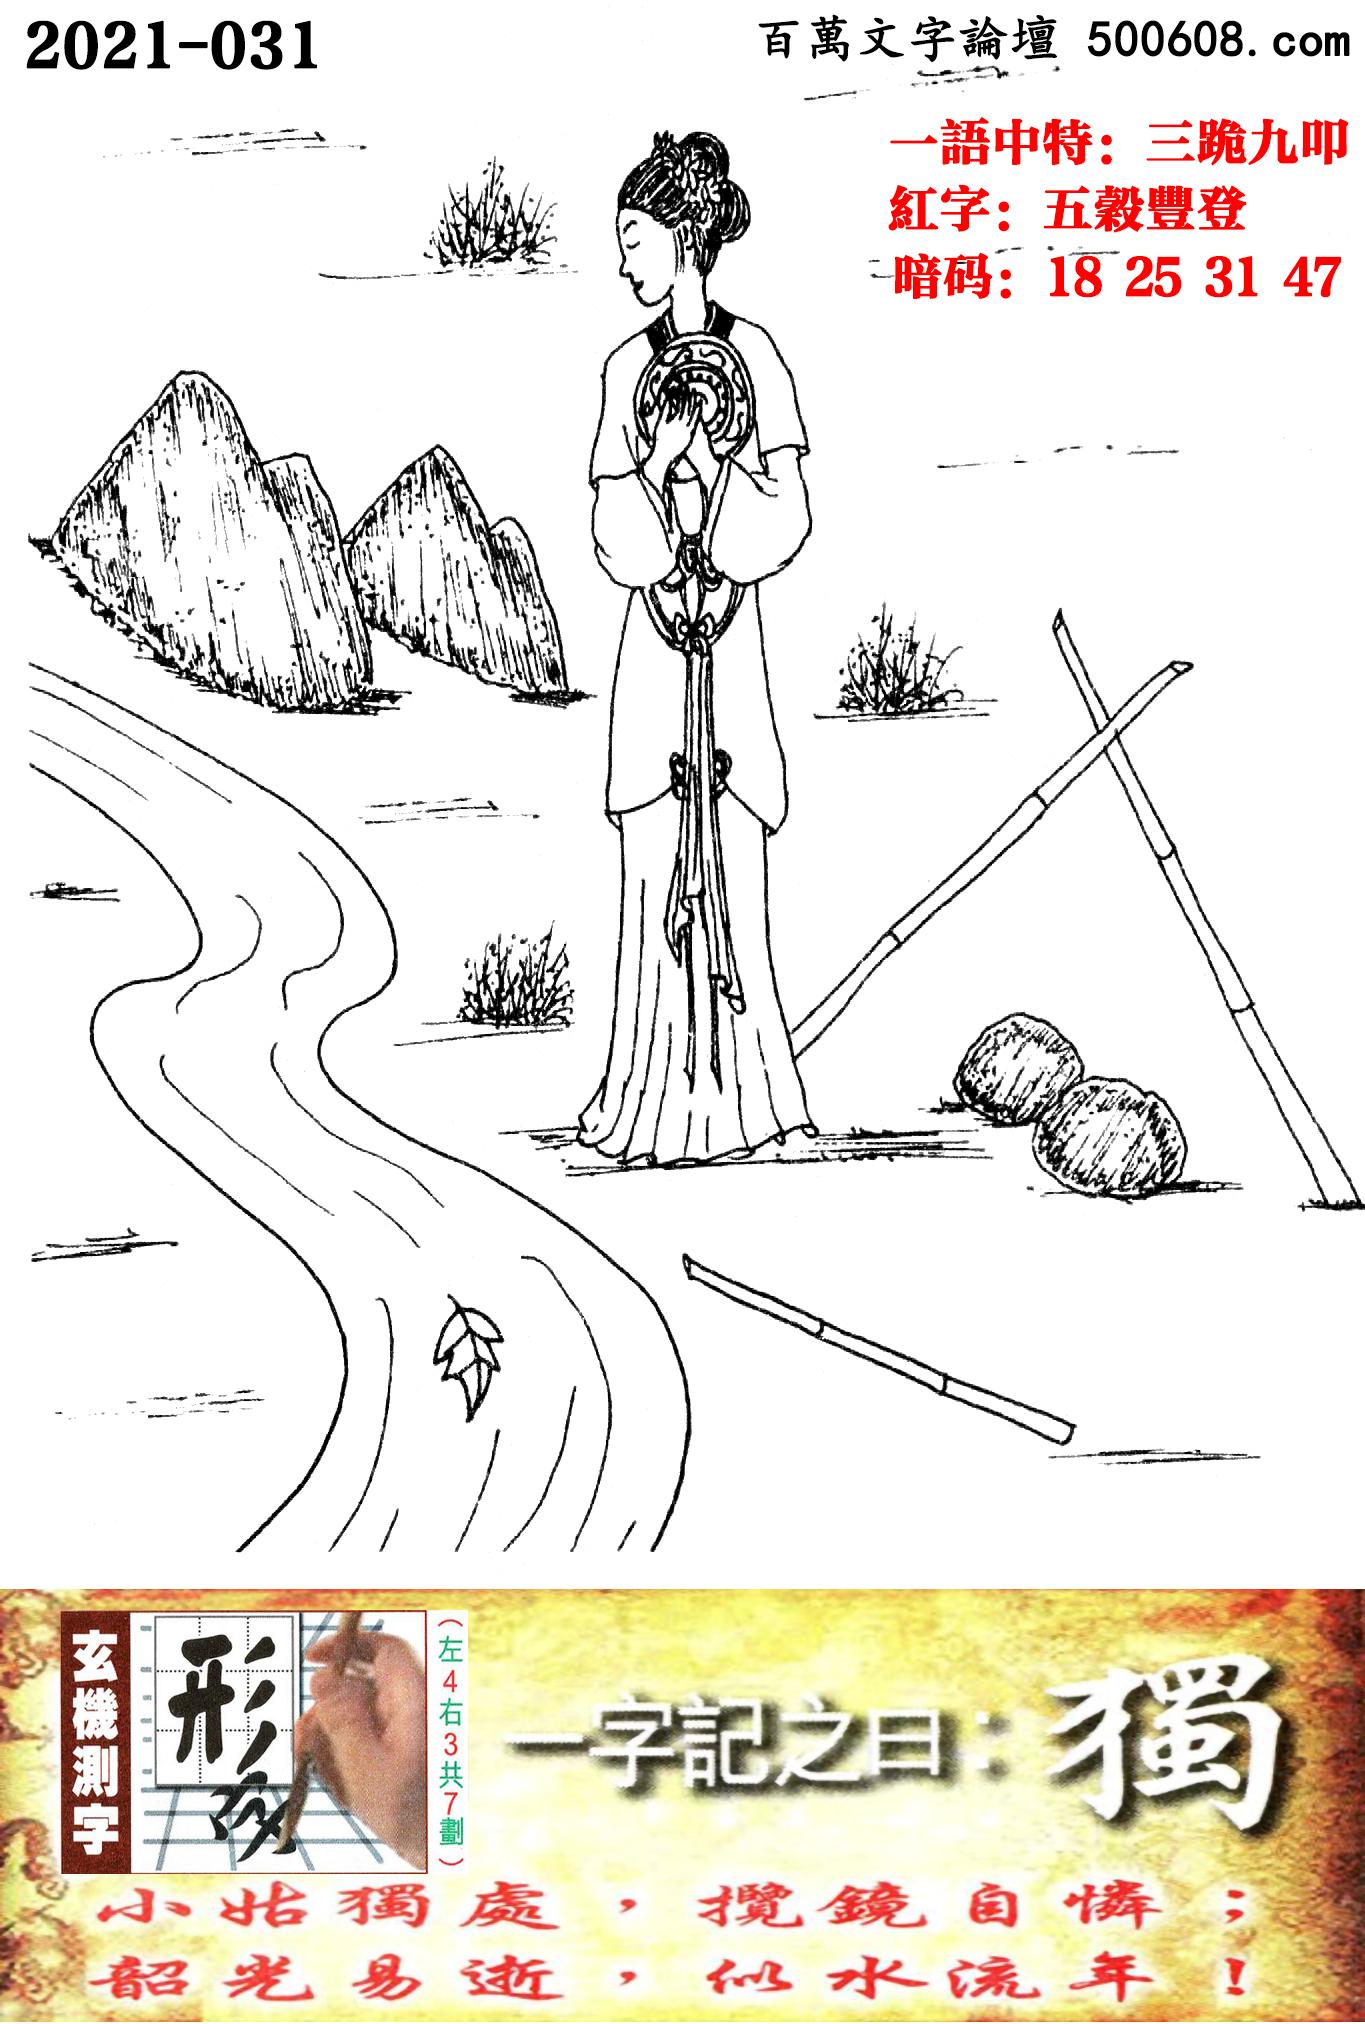 031期跑狗一字�之曰:【��】_小姑���,���R自�z;韶光易逝,似水流年!